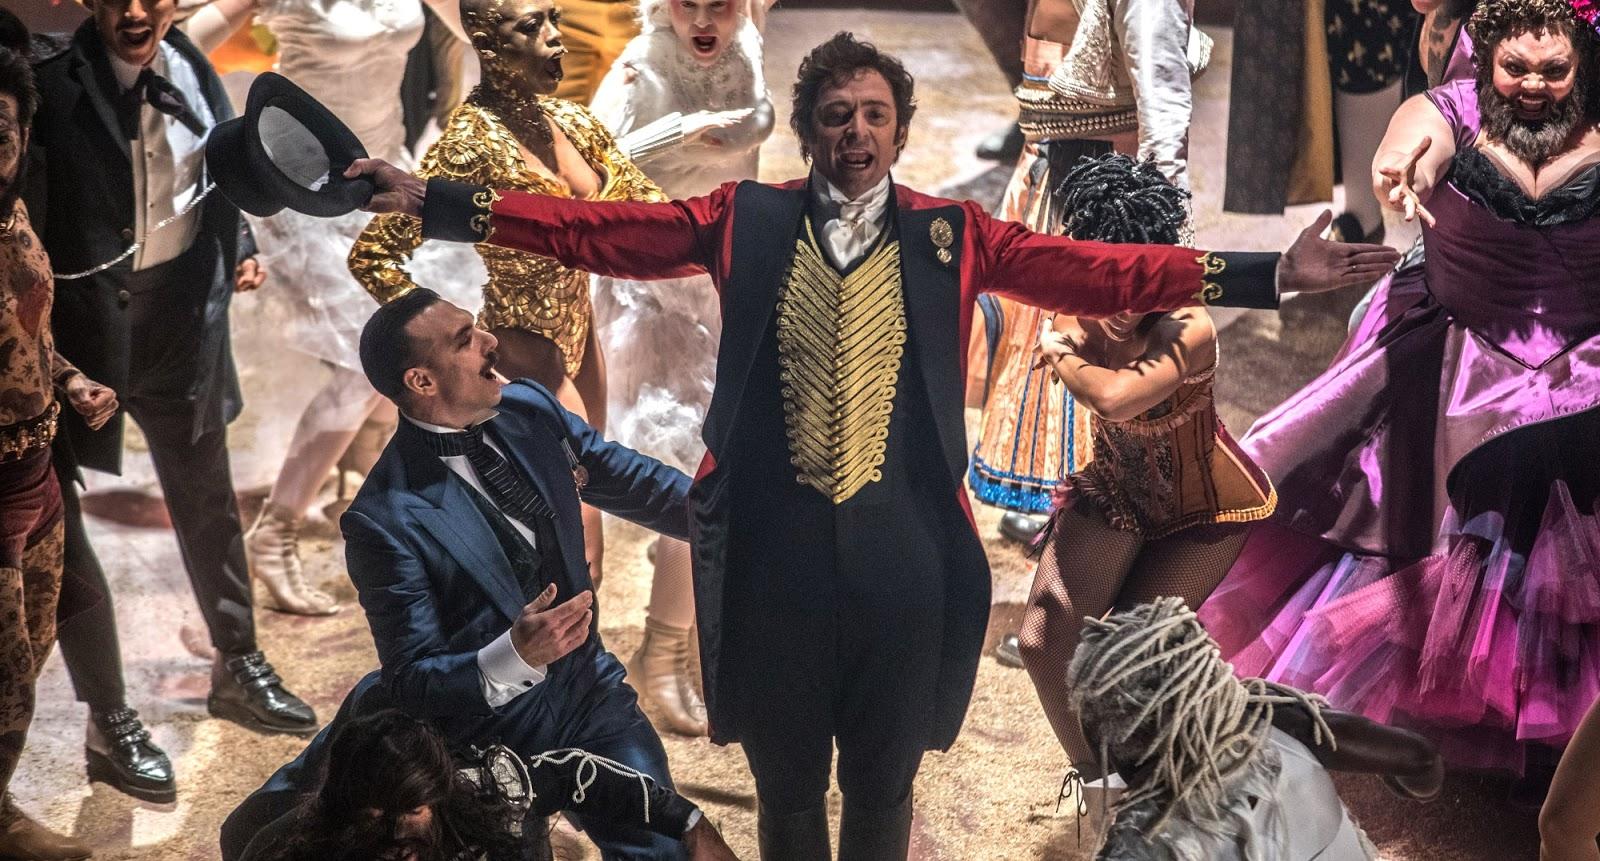 O Rei do Show reúne Hugh Jackman, Zac Efron e Zendaya em uma história emocionante